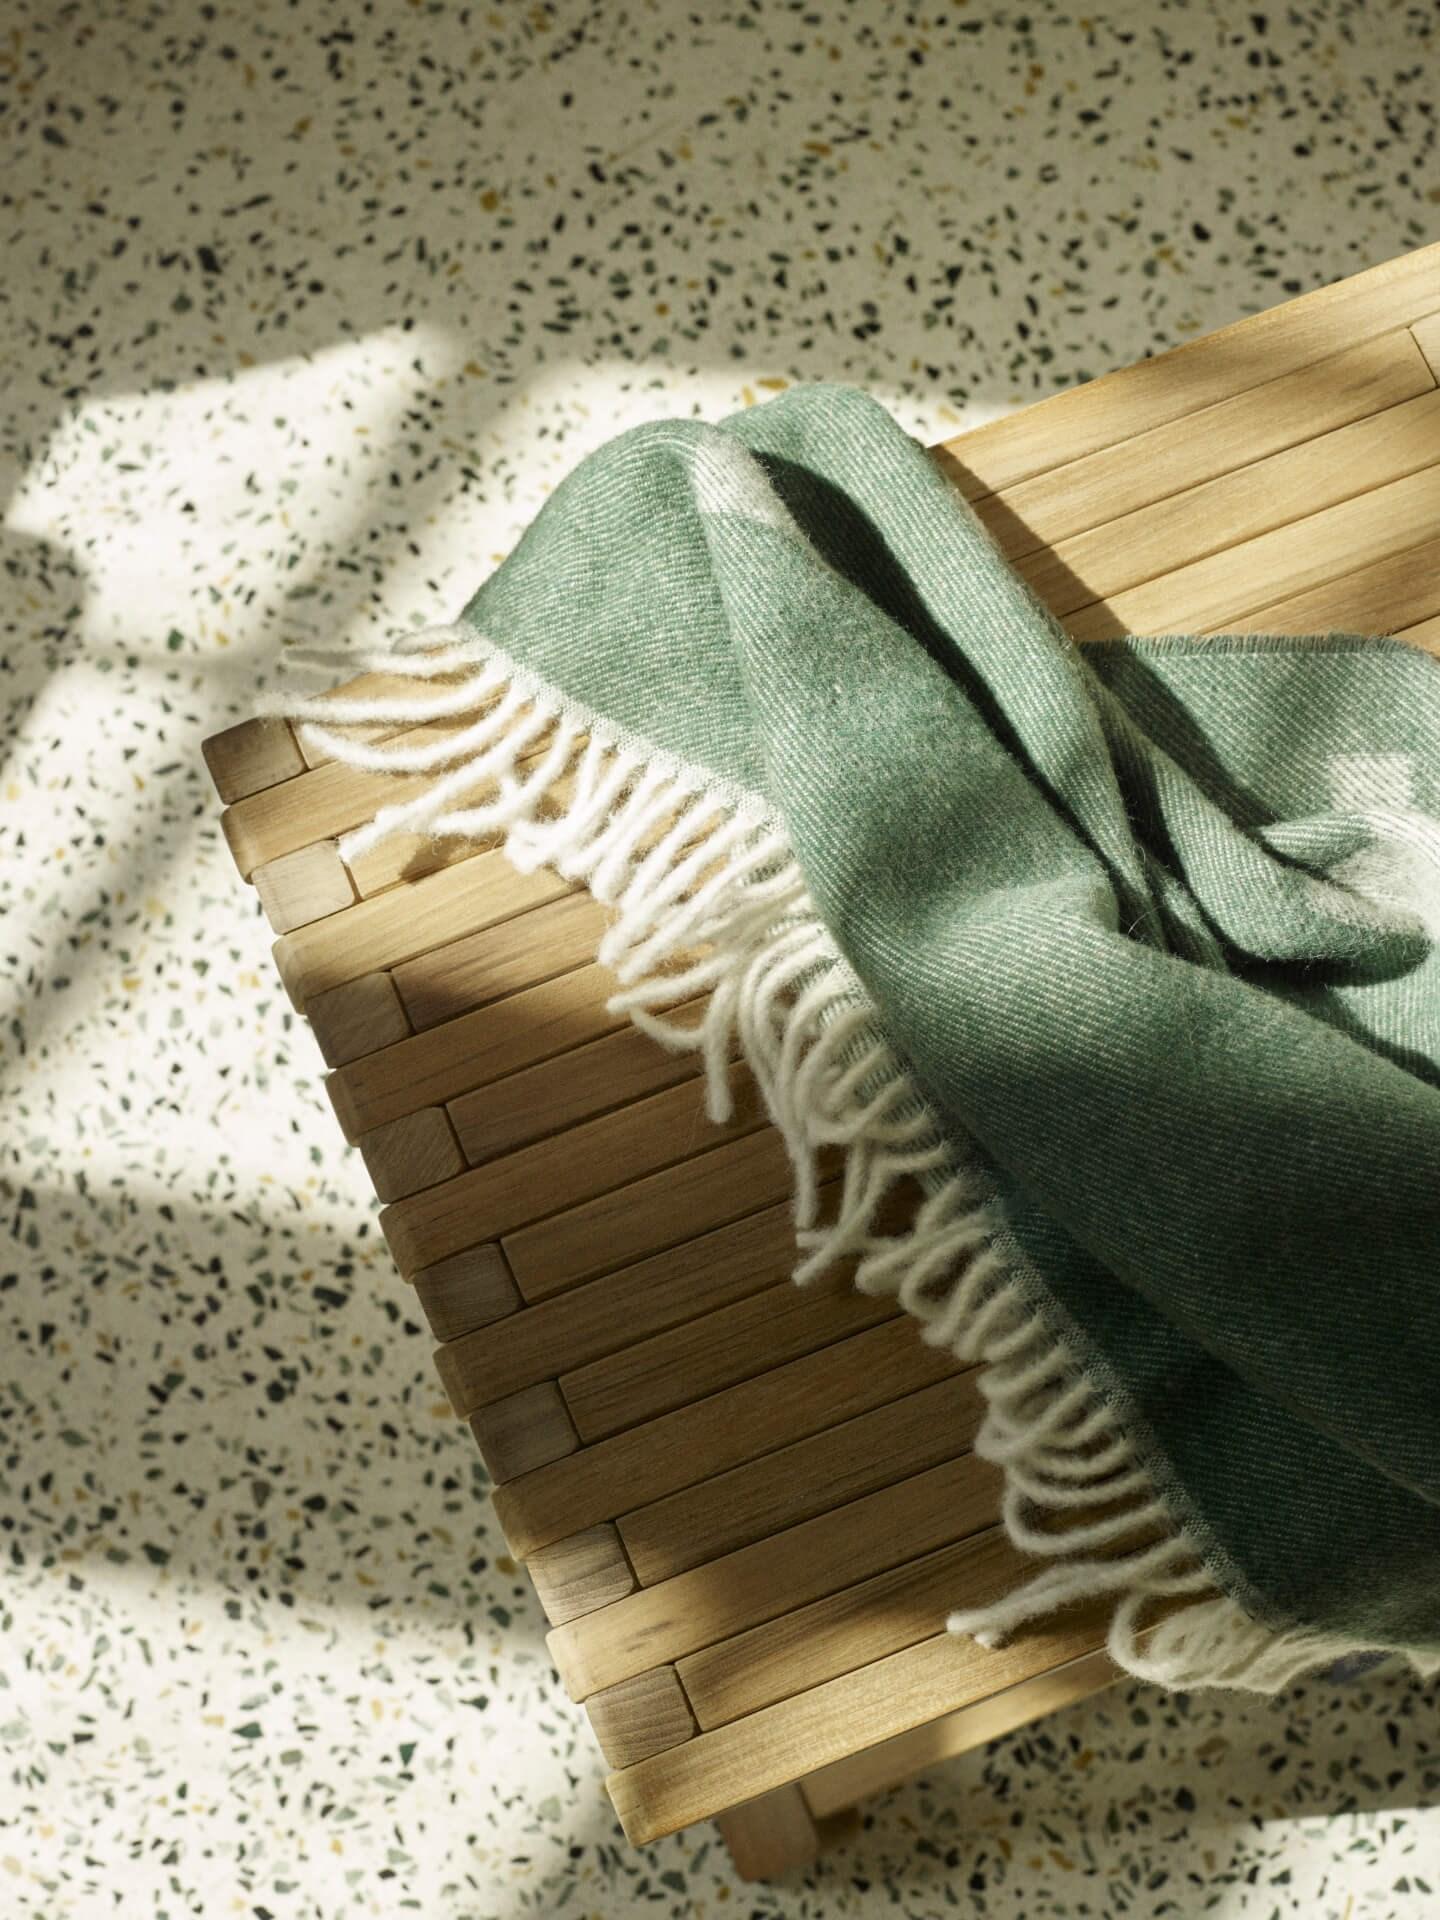 Miljøbilde krakk til bad. Fionia stool fra Skagerak på gulv i terrazzo og grønt teppe. Nærbilde ovenfra.